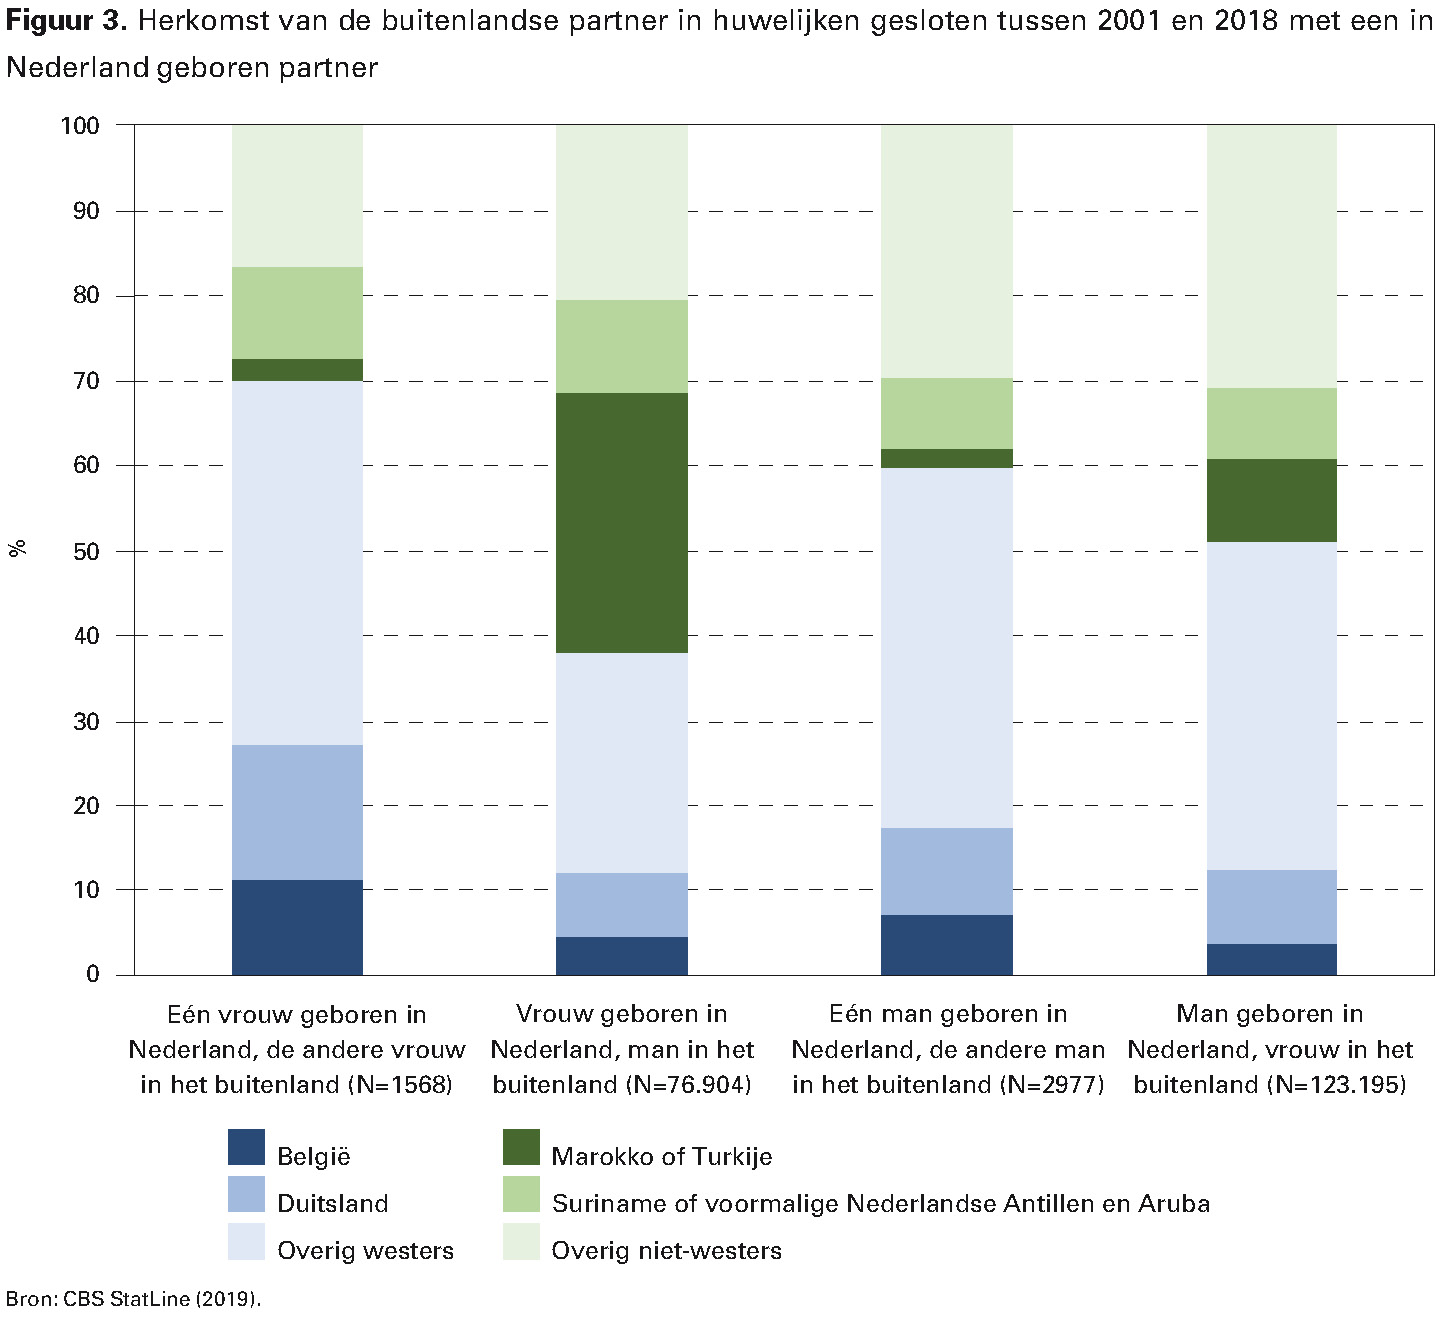 Figuur 3. Herkomst van de buitenlandse partner in huwelijken gesloten tussen 2001 en 2018 met een in Nederland geboren partner